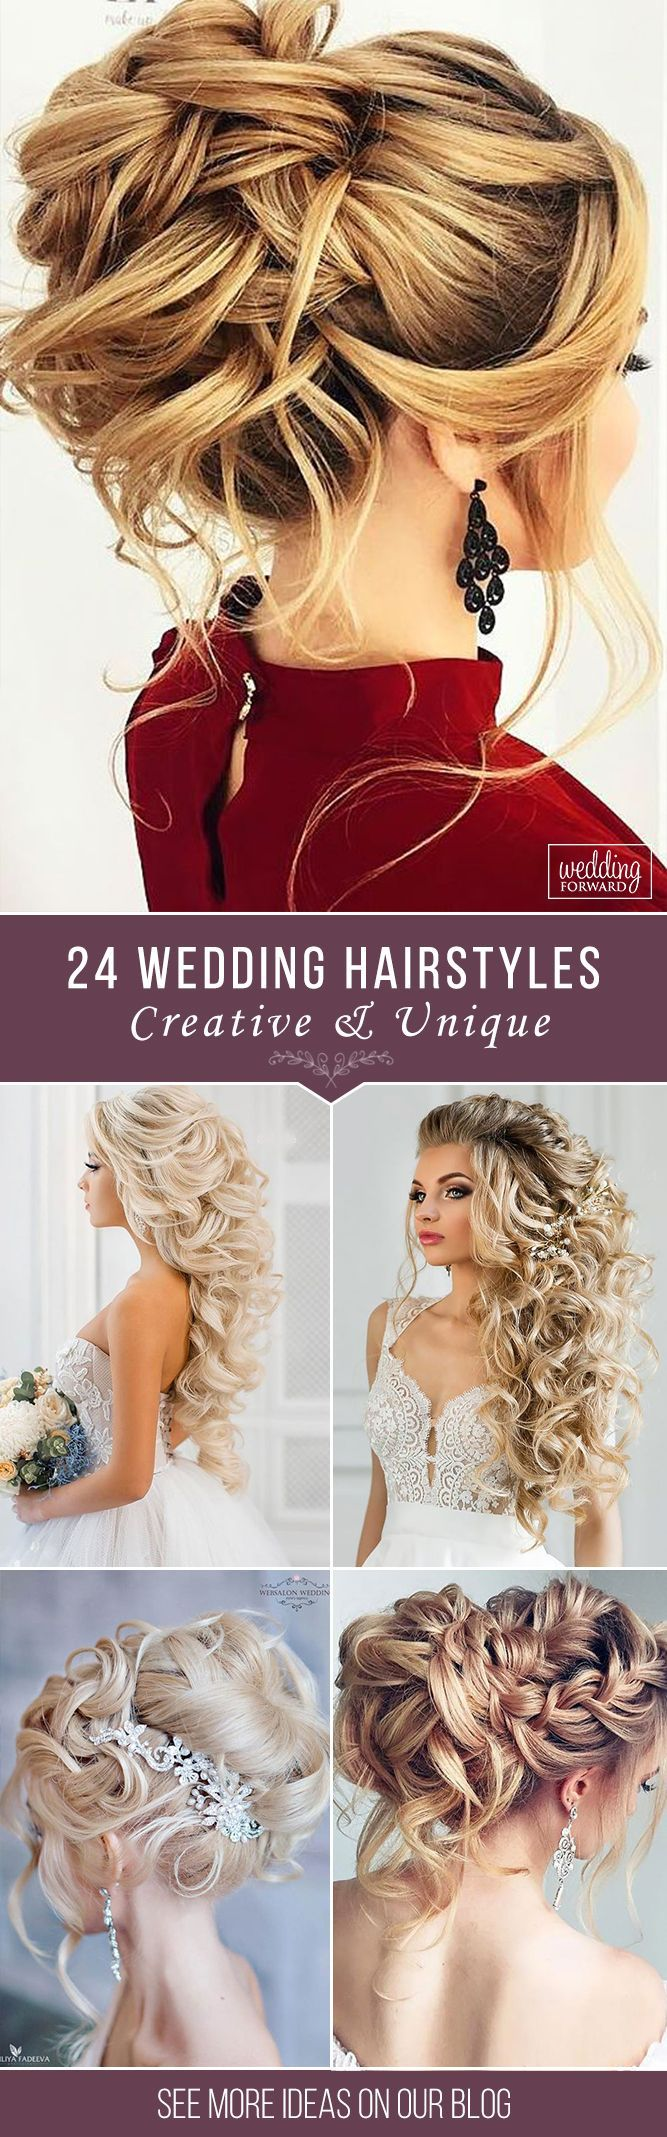 Bridal Hairstyles : 24 Creative & Unique Wedding Hairstyles From creative hairstyles with romanti